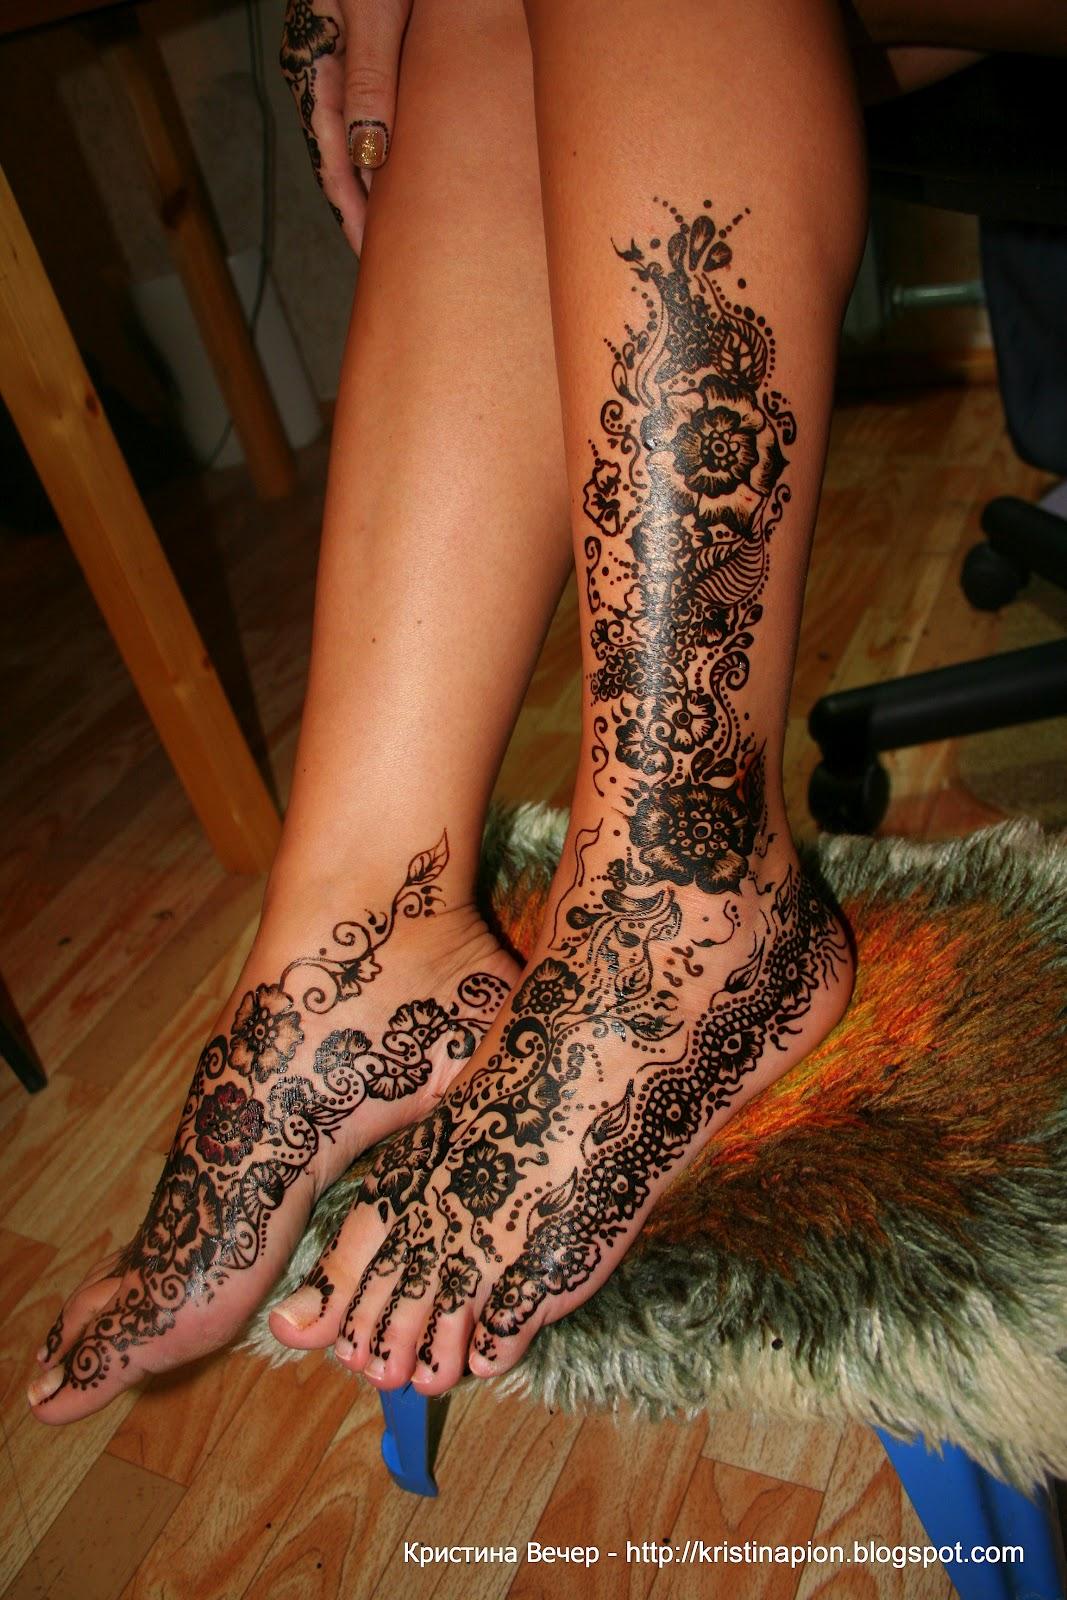 Сколько стоит хна для тату? Татуировки вся информация - сколько стоит хна для тату